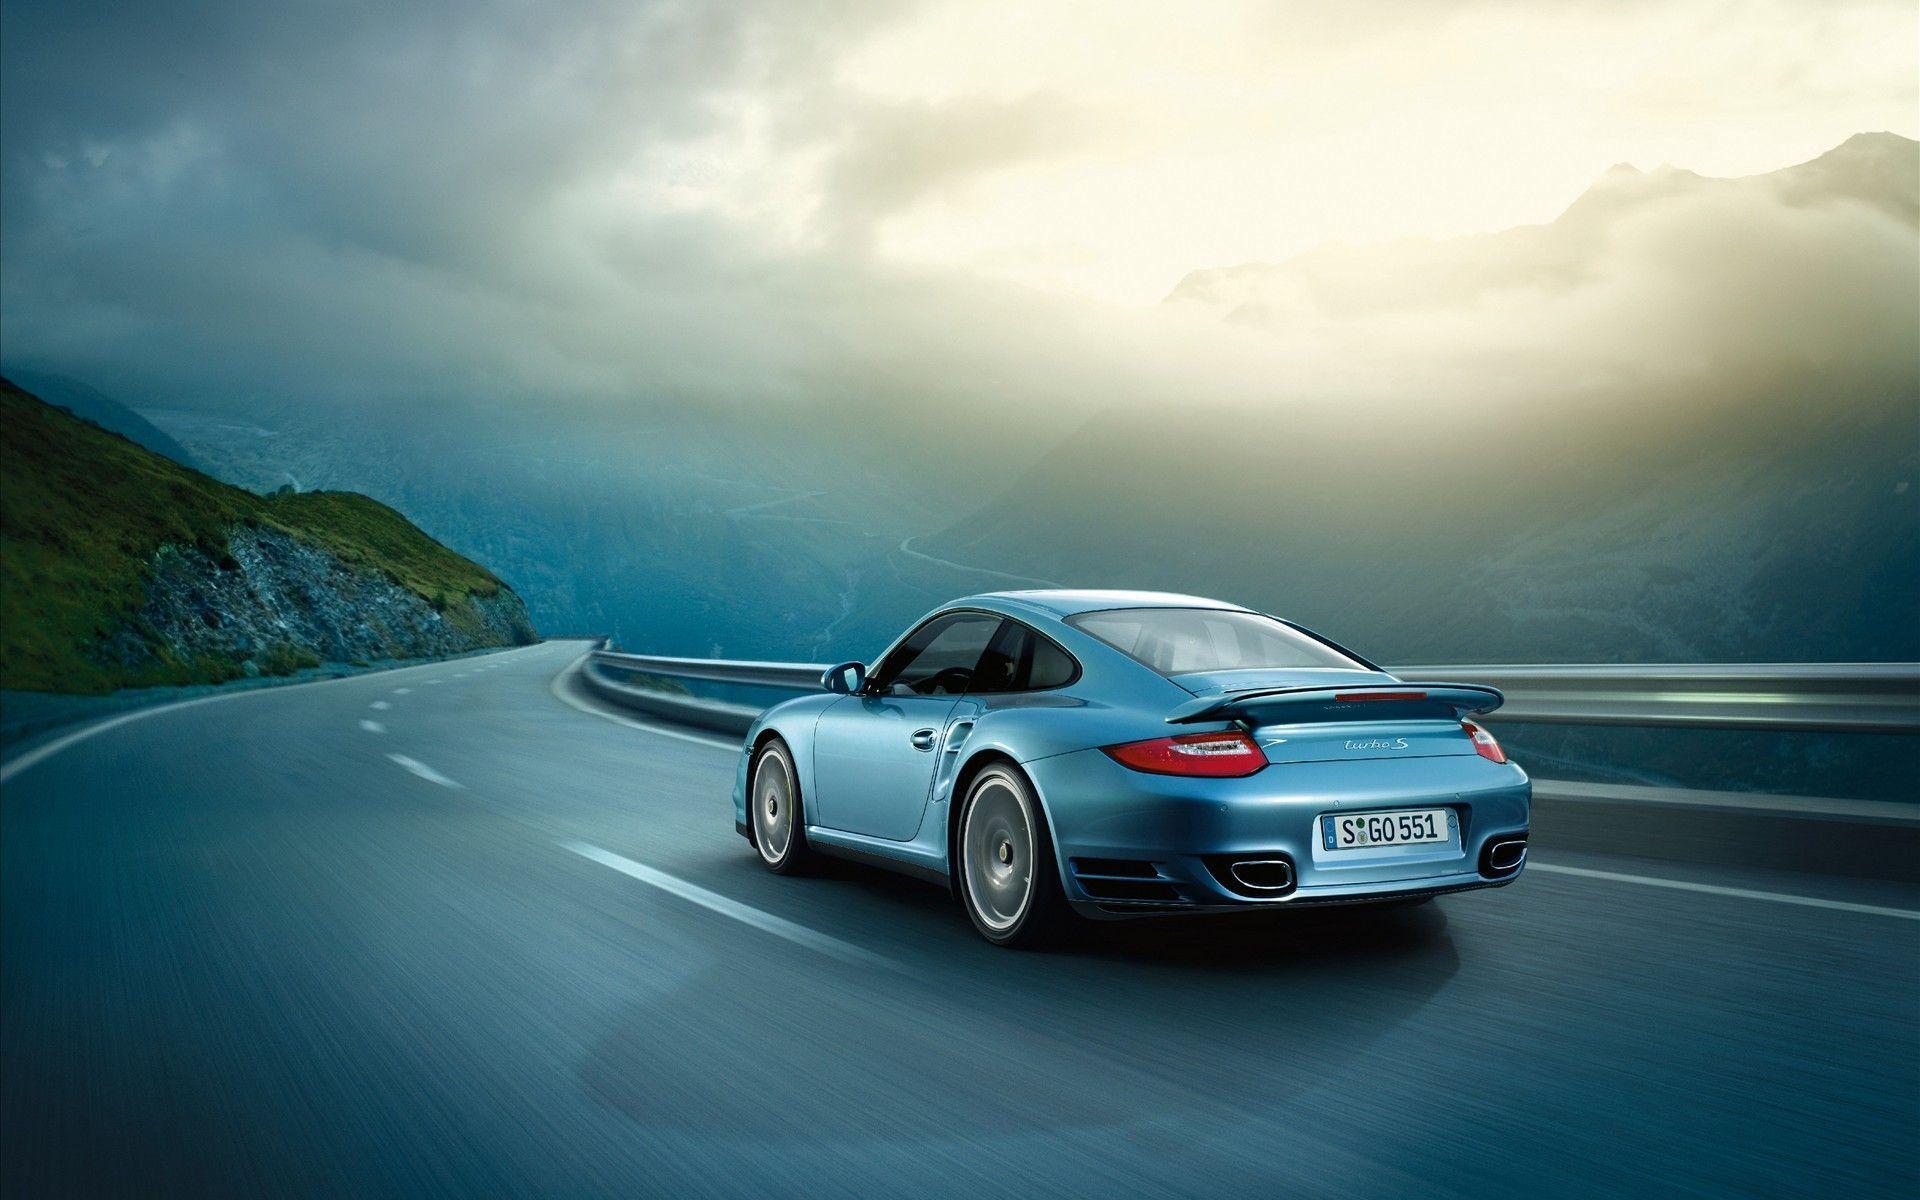 Porsche 911 Wallpapers 1920x1200